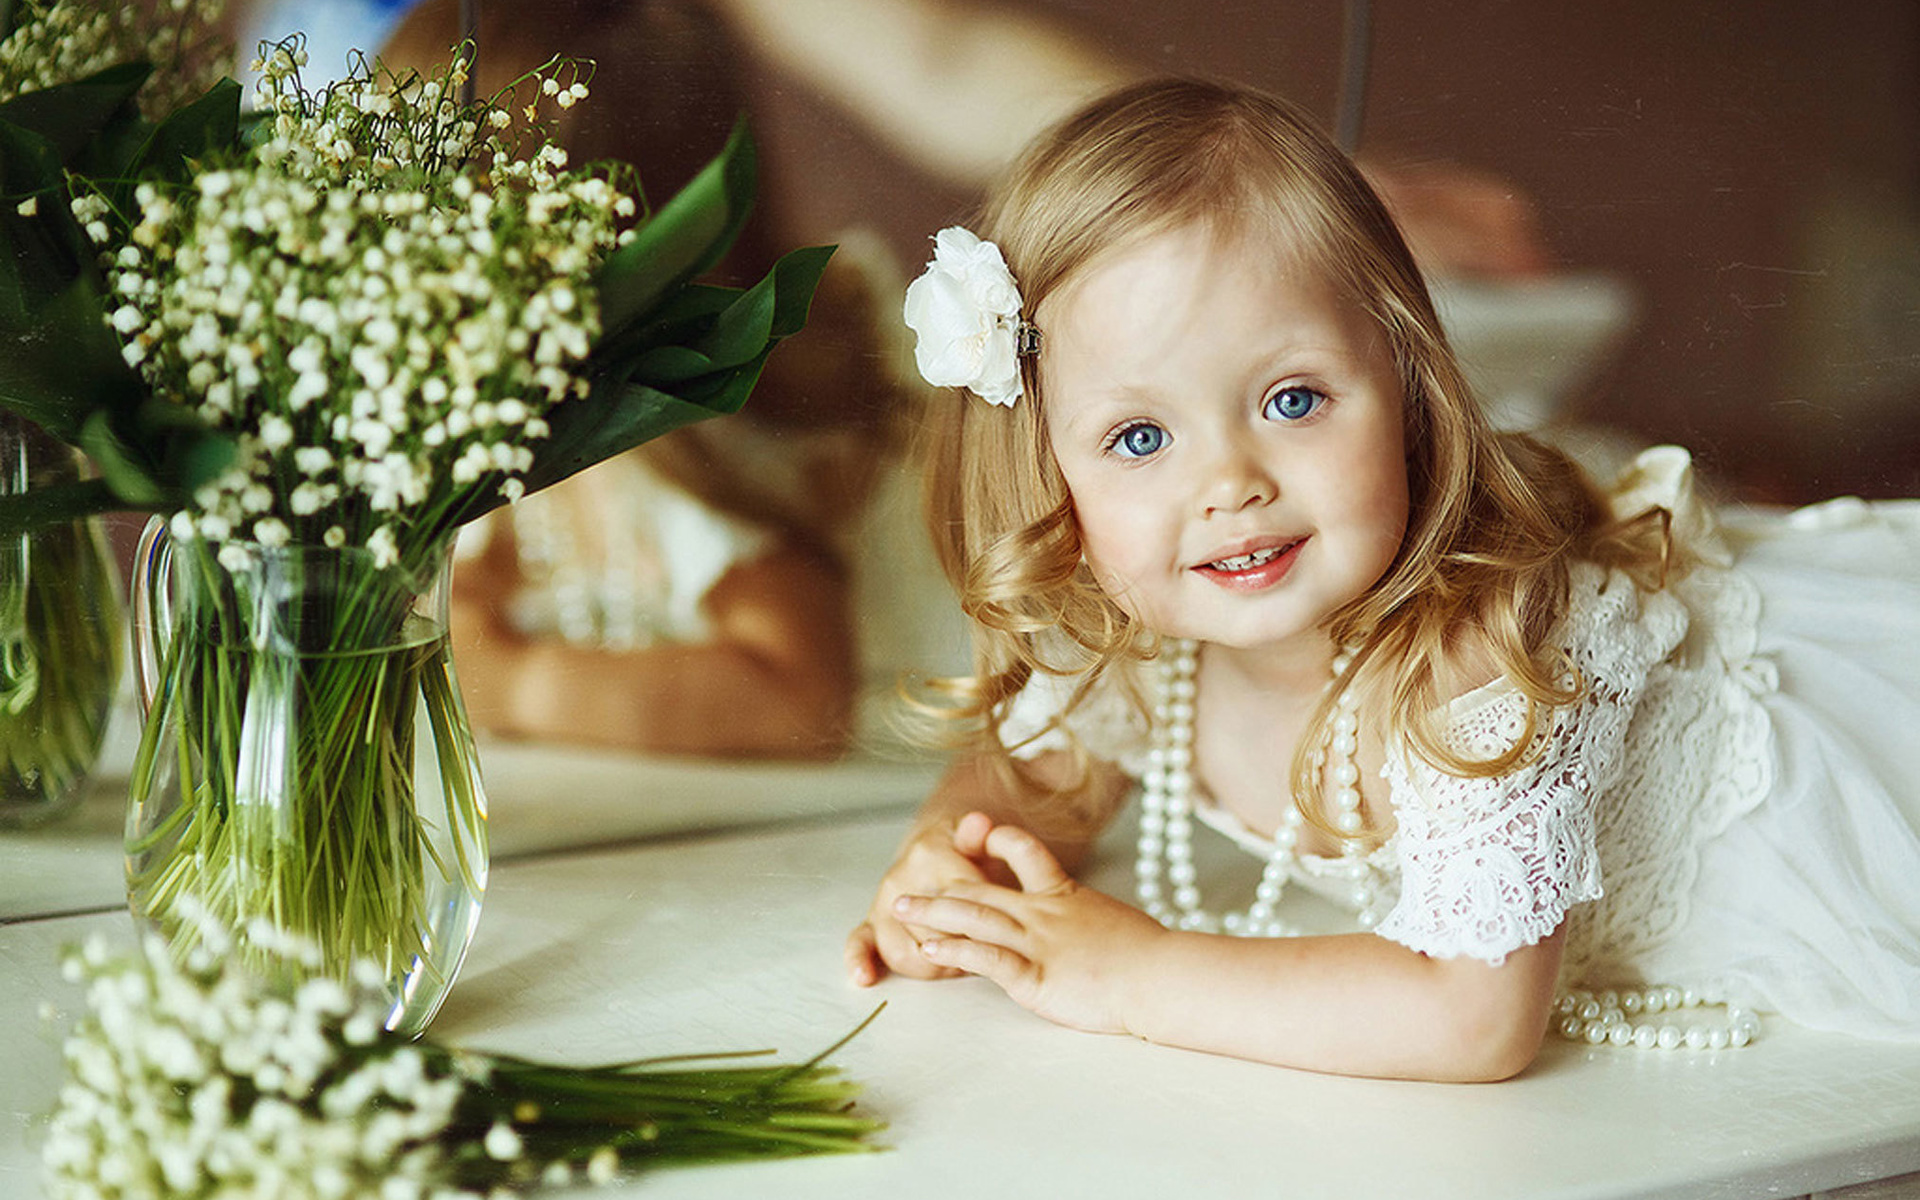 Картинки красивые малышки с цветами